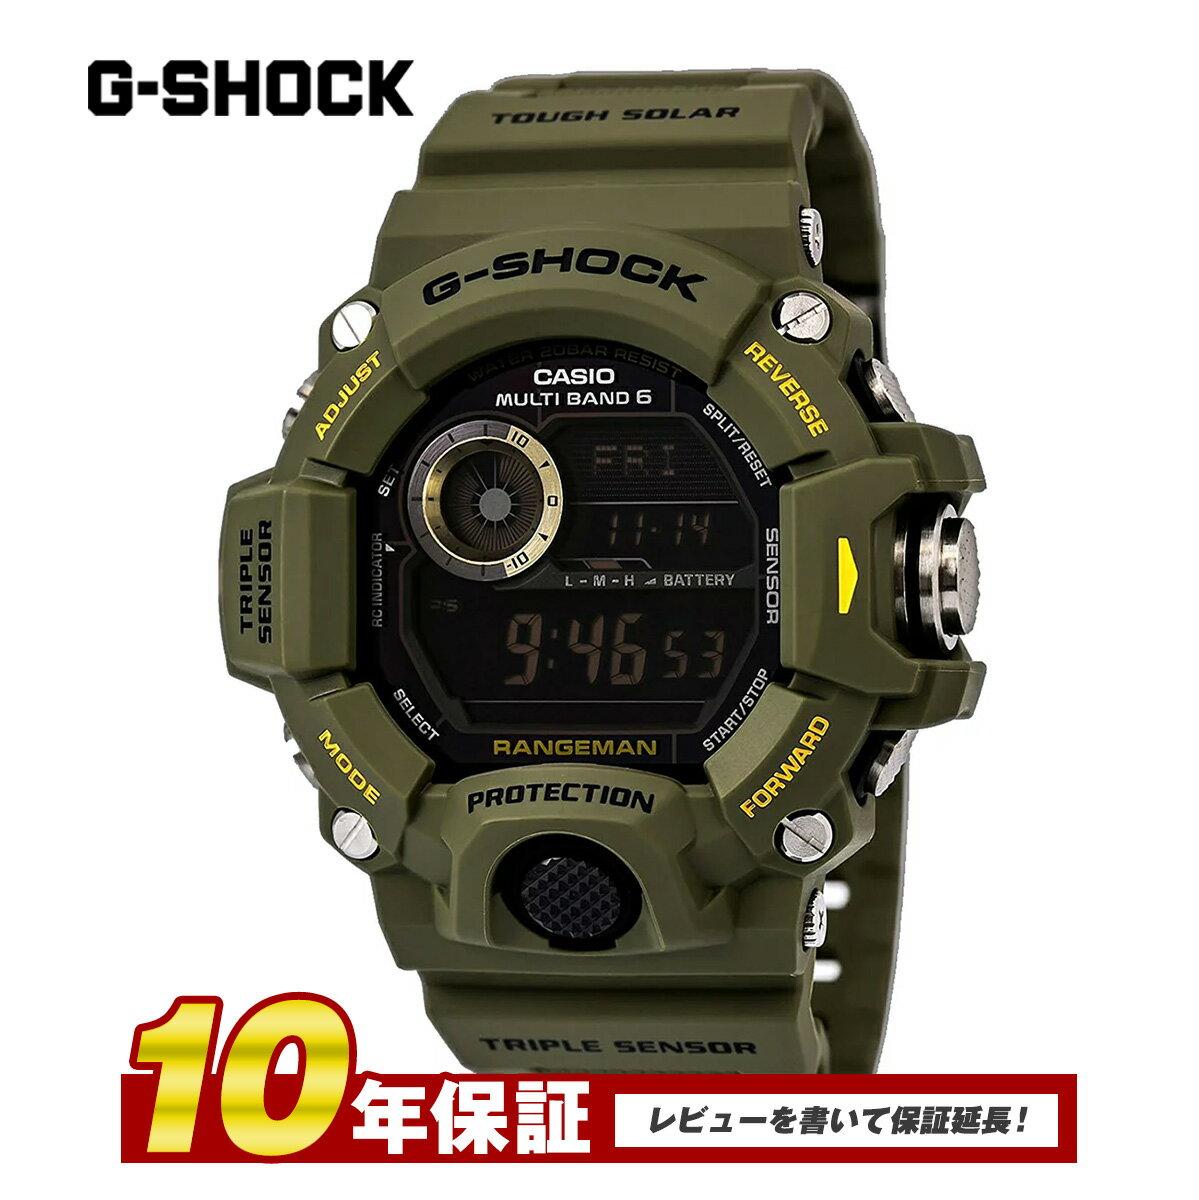 c997177f38 G-SHOCK|人気モデル別おすすめ40選|YAMA HACK